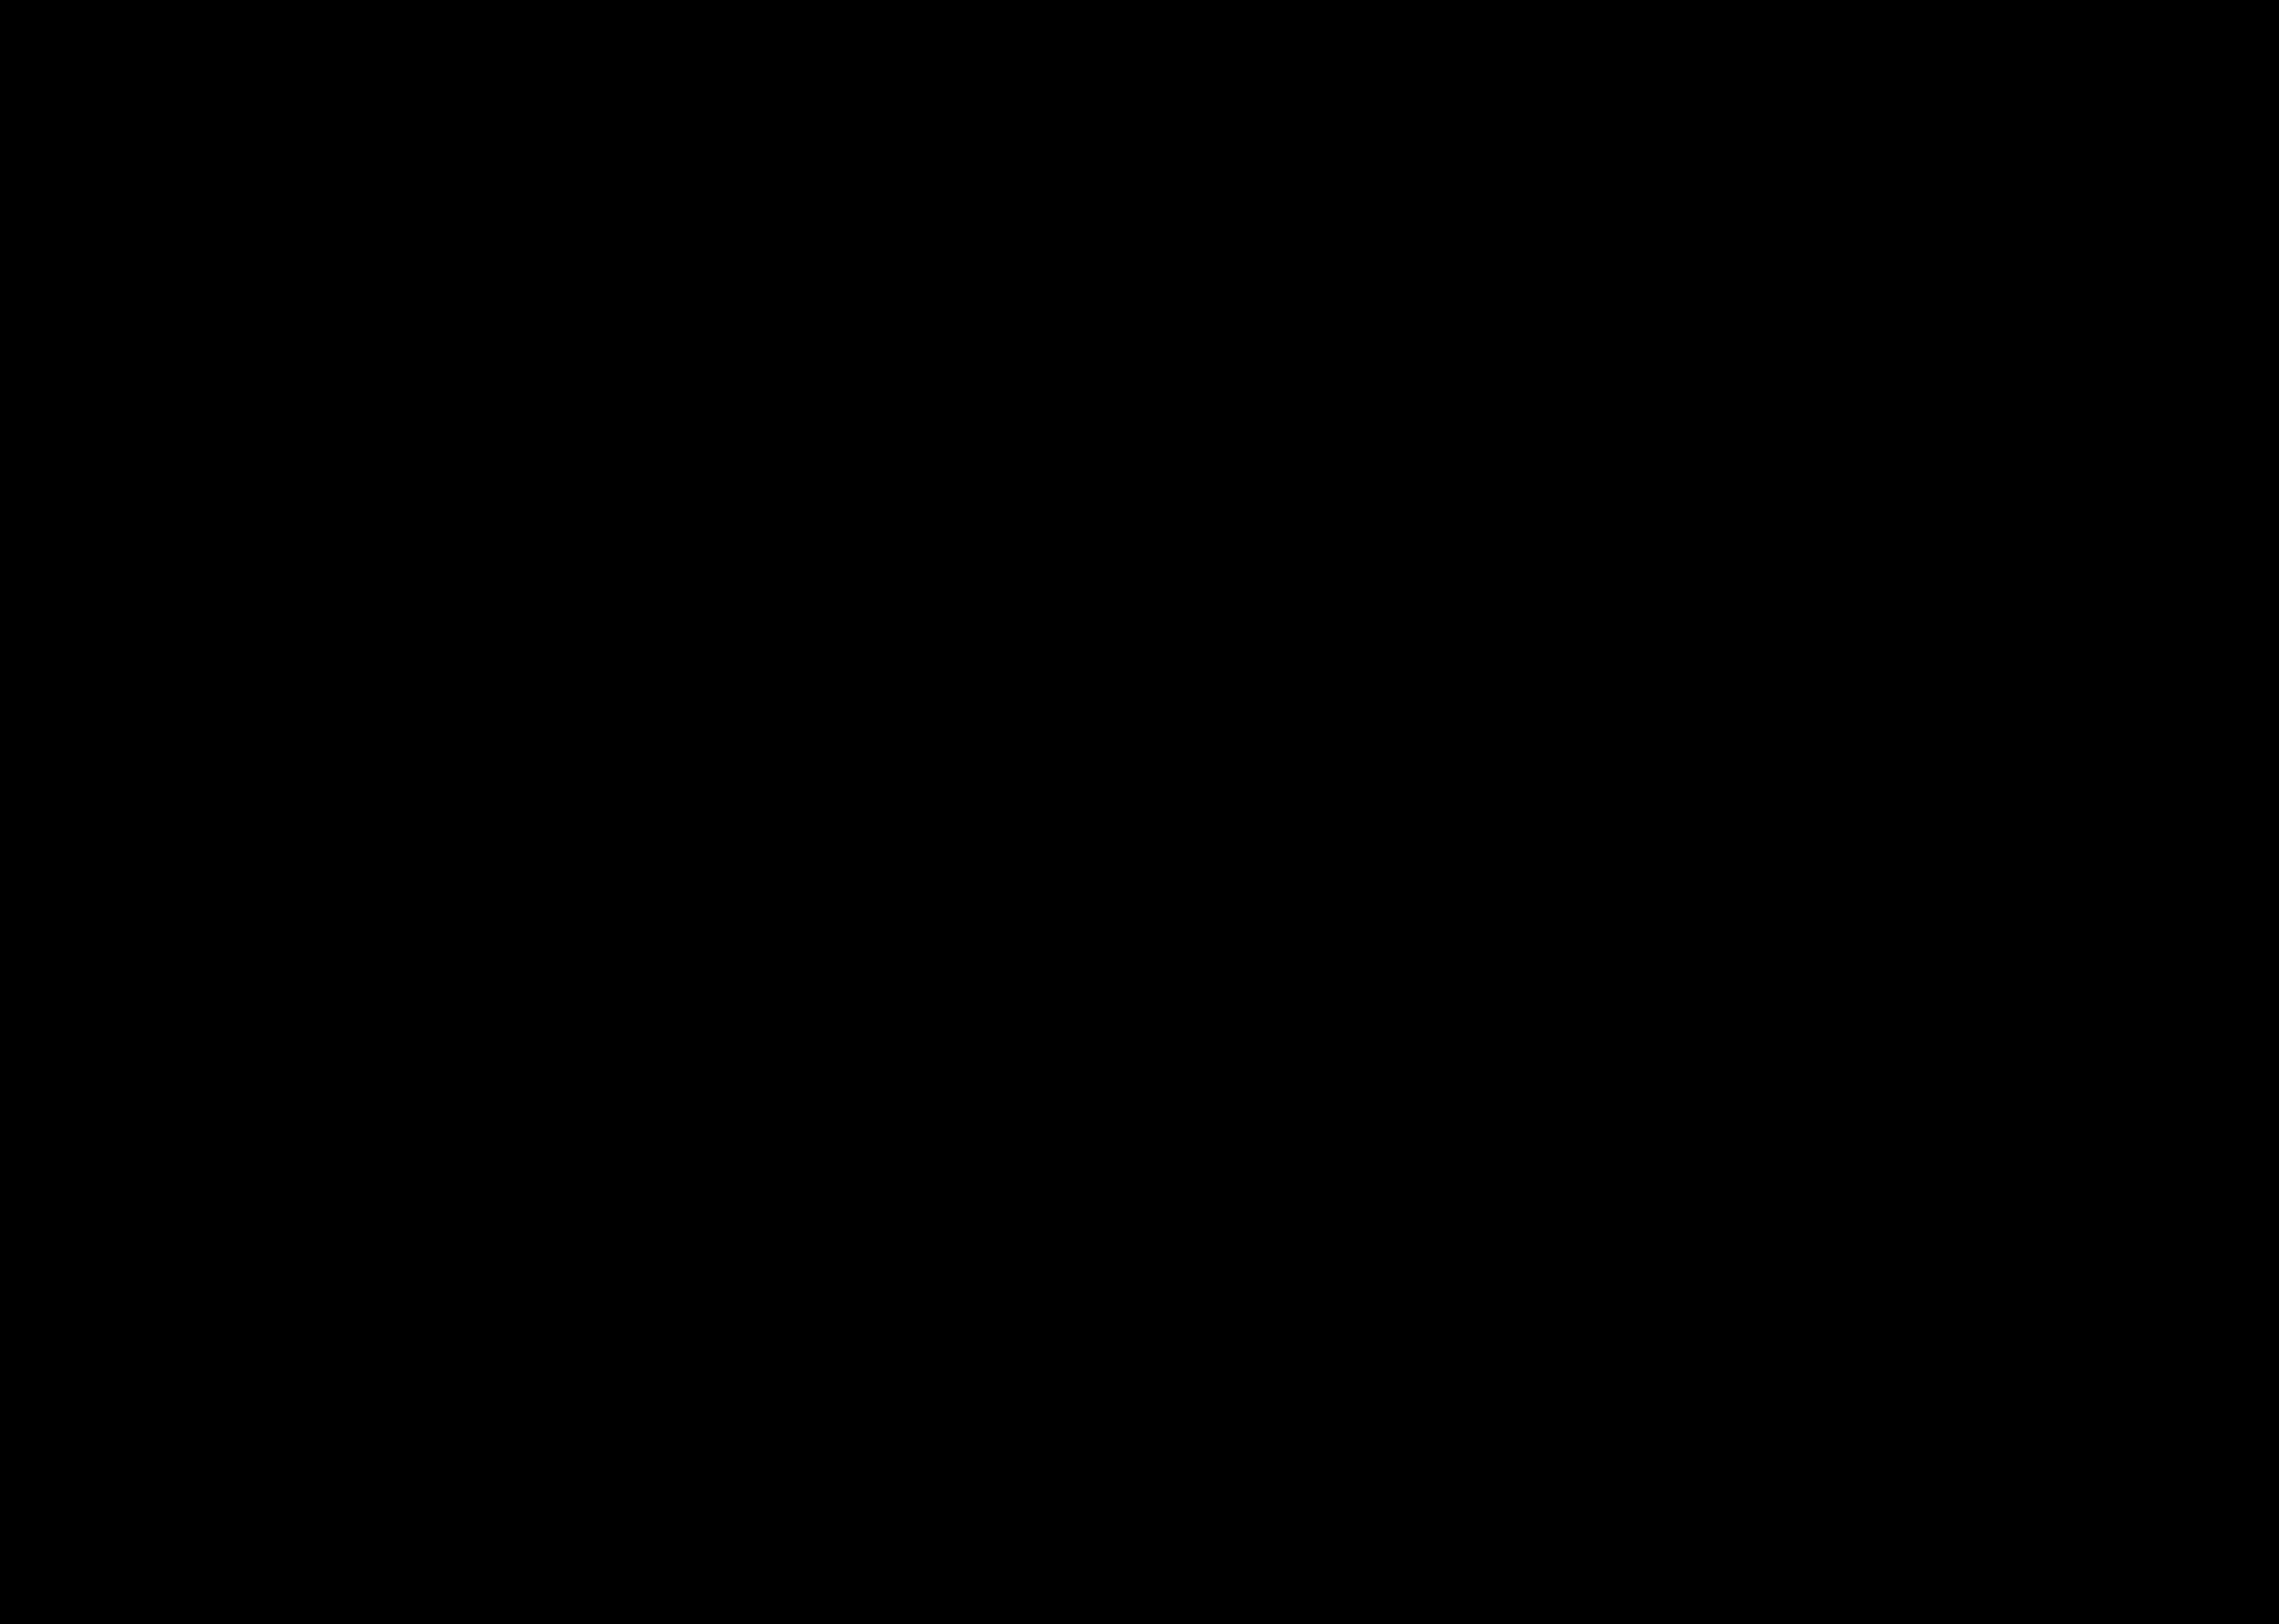 13-14/11/18 การอบรมเชิงปฏิบัติการเรื่อง โปรแกรมวิเคราะห์โครงสร้าง midas nGen & Gen สำหรับโครงสร้างต้านทานแผ่นดินไหว รุ่นที่ 2